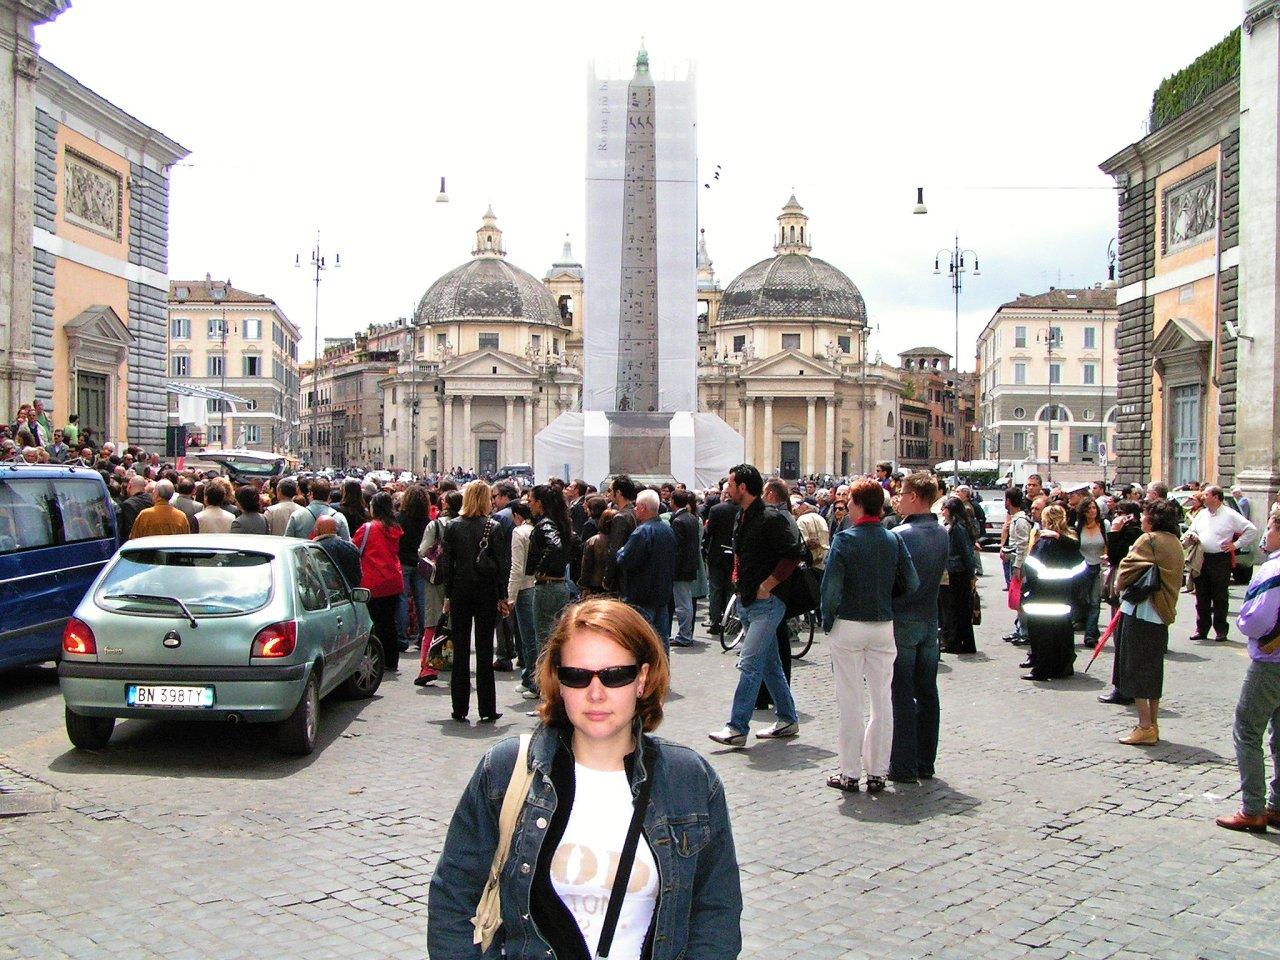 Piazza del Popolo, Rome attractions, Italy